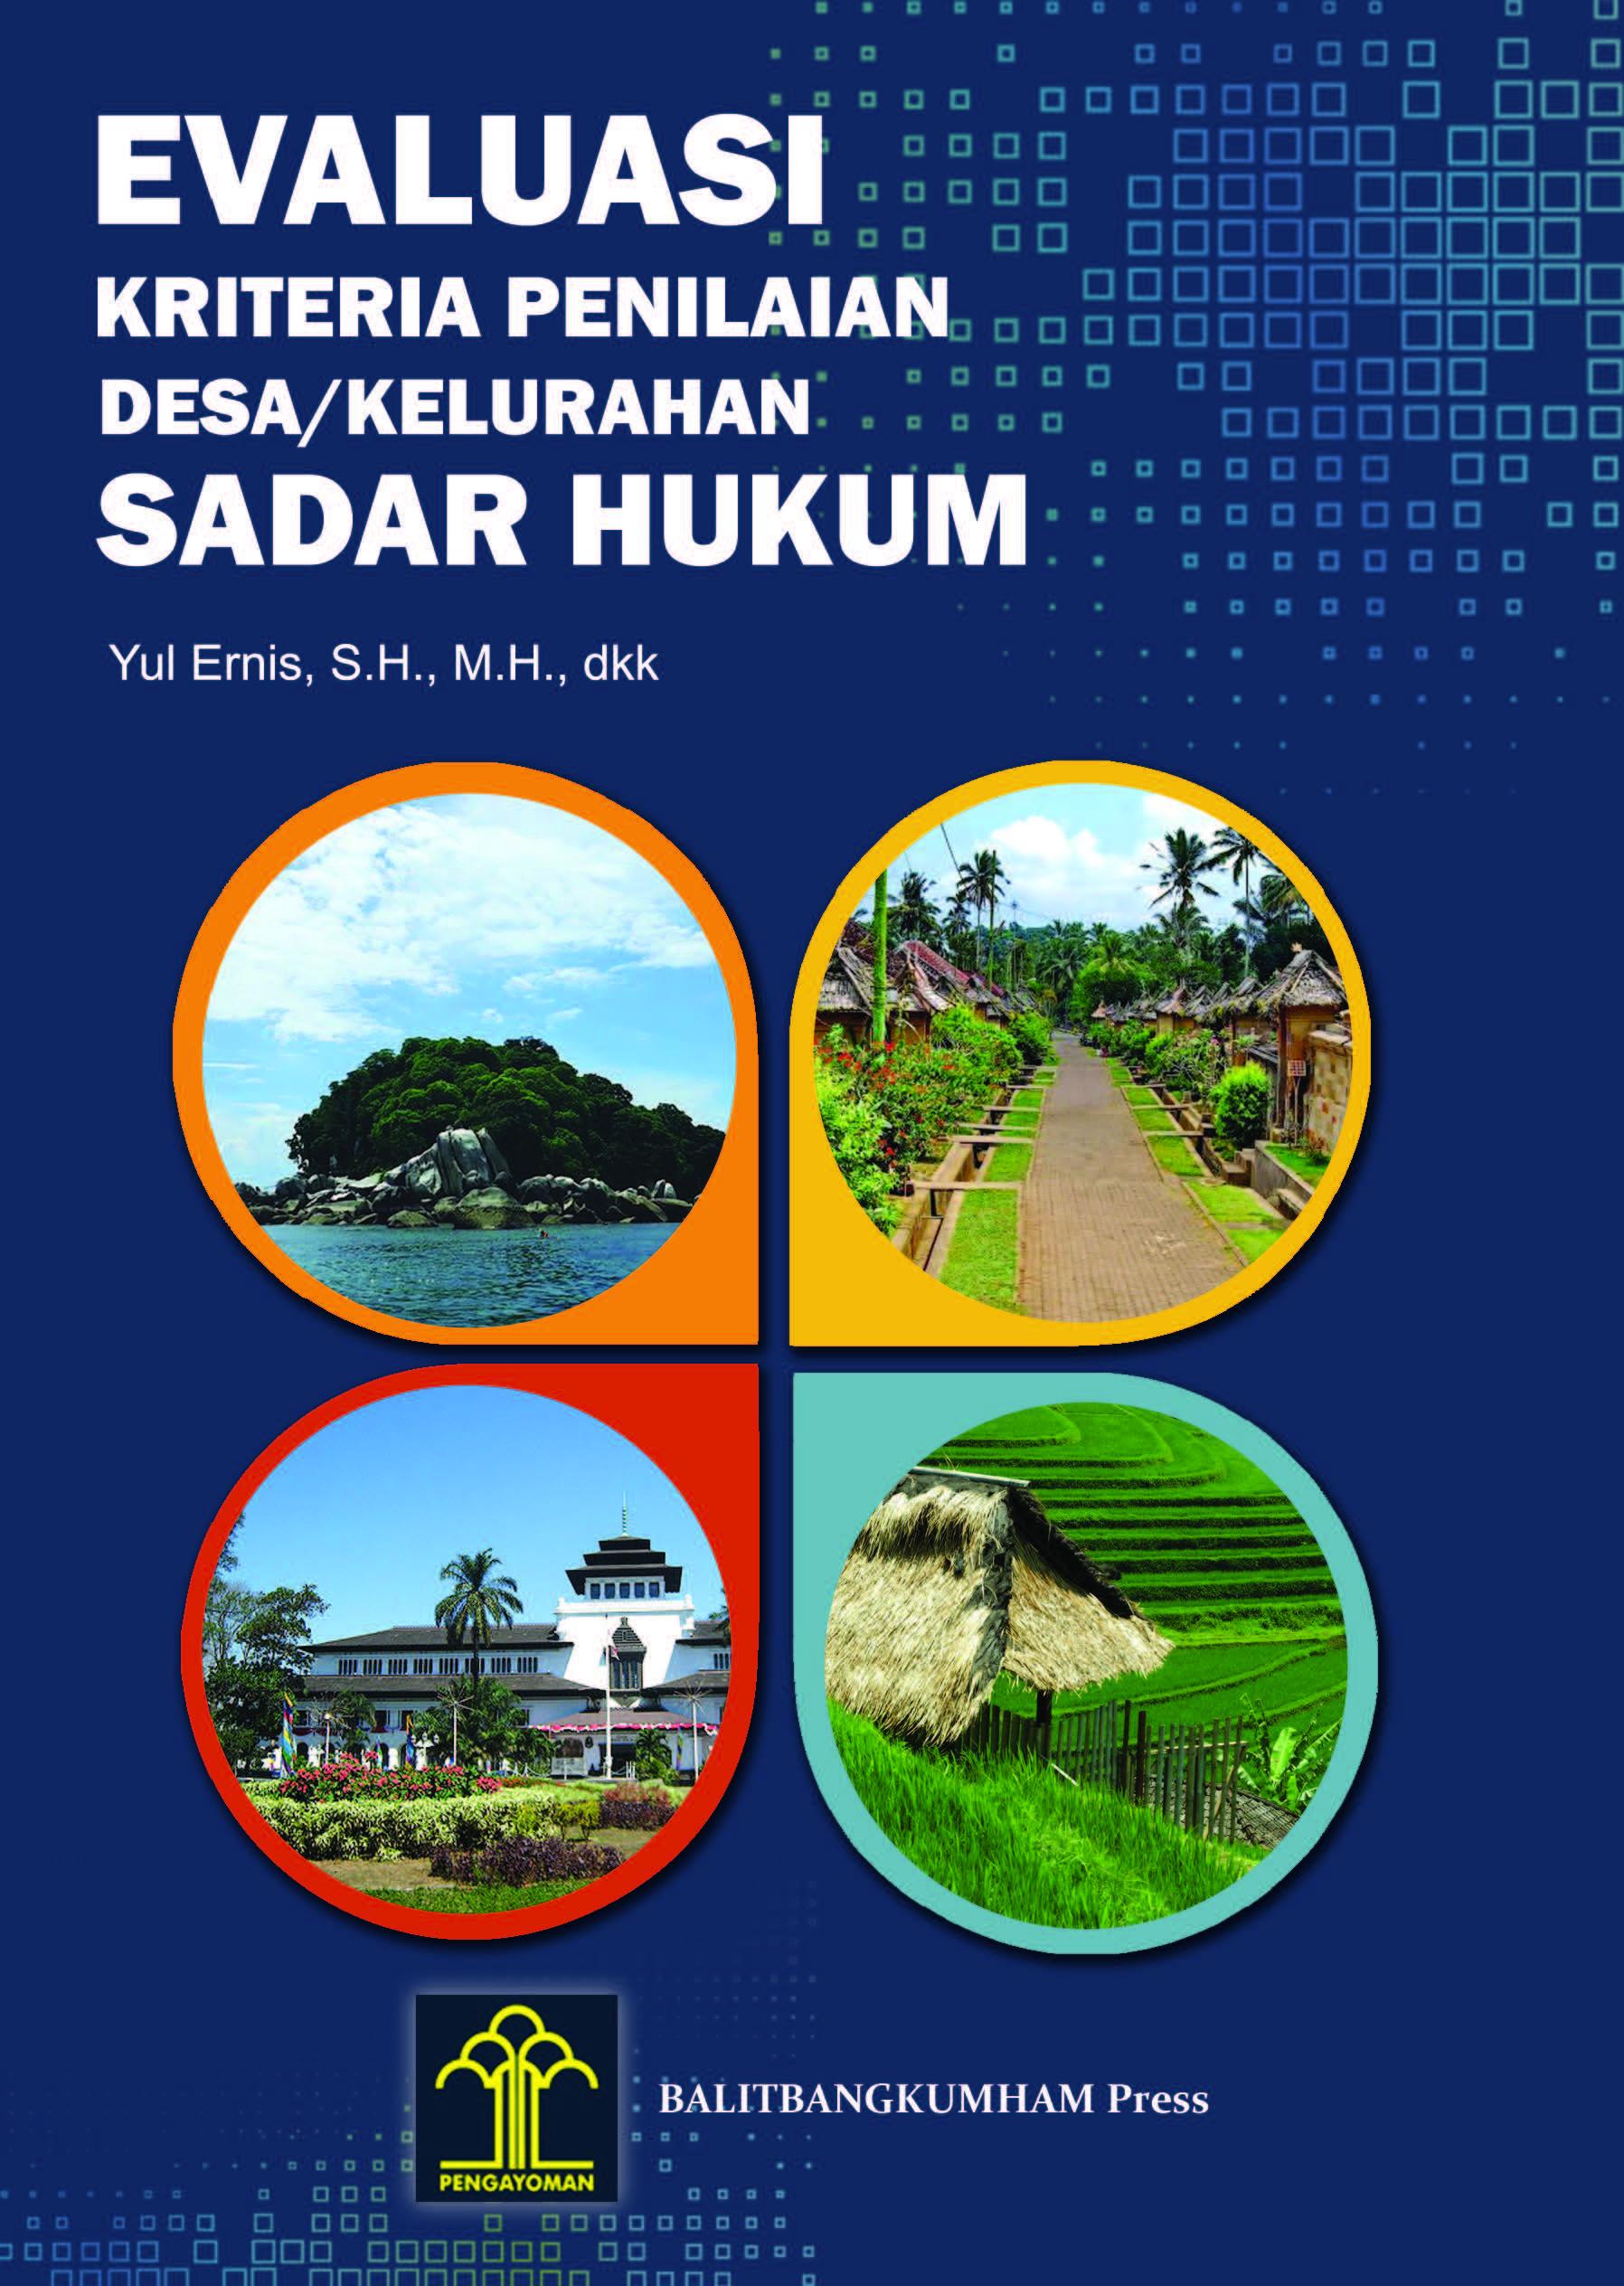 Evaluasi Kriteria Penilaian Desa/Kelurahan Sadar Hukum